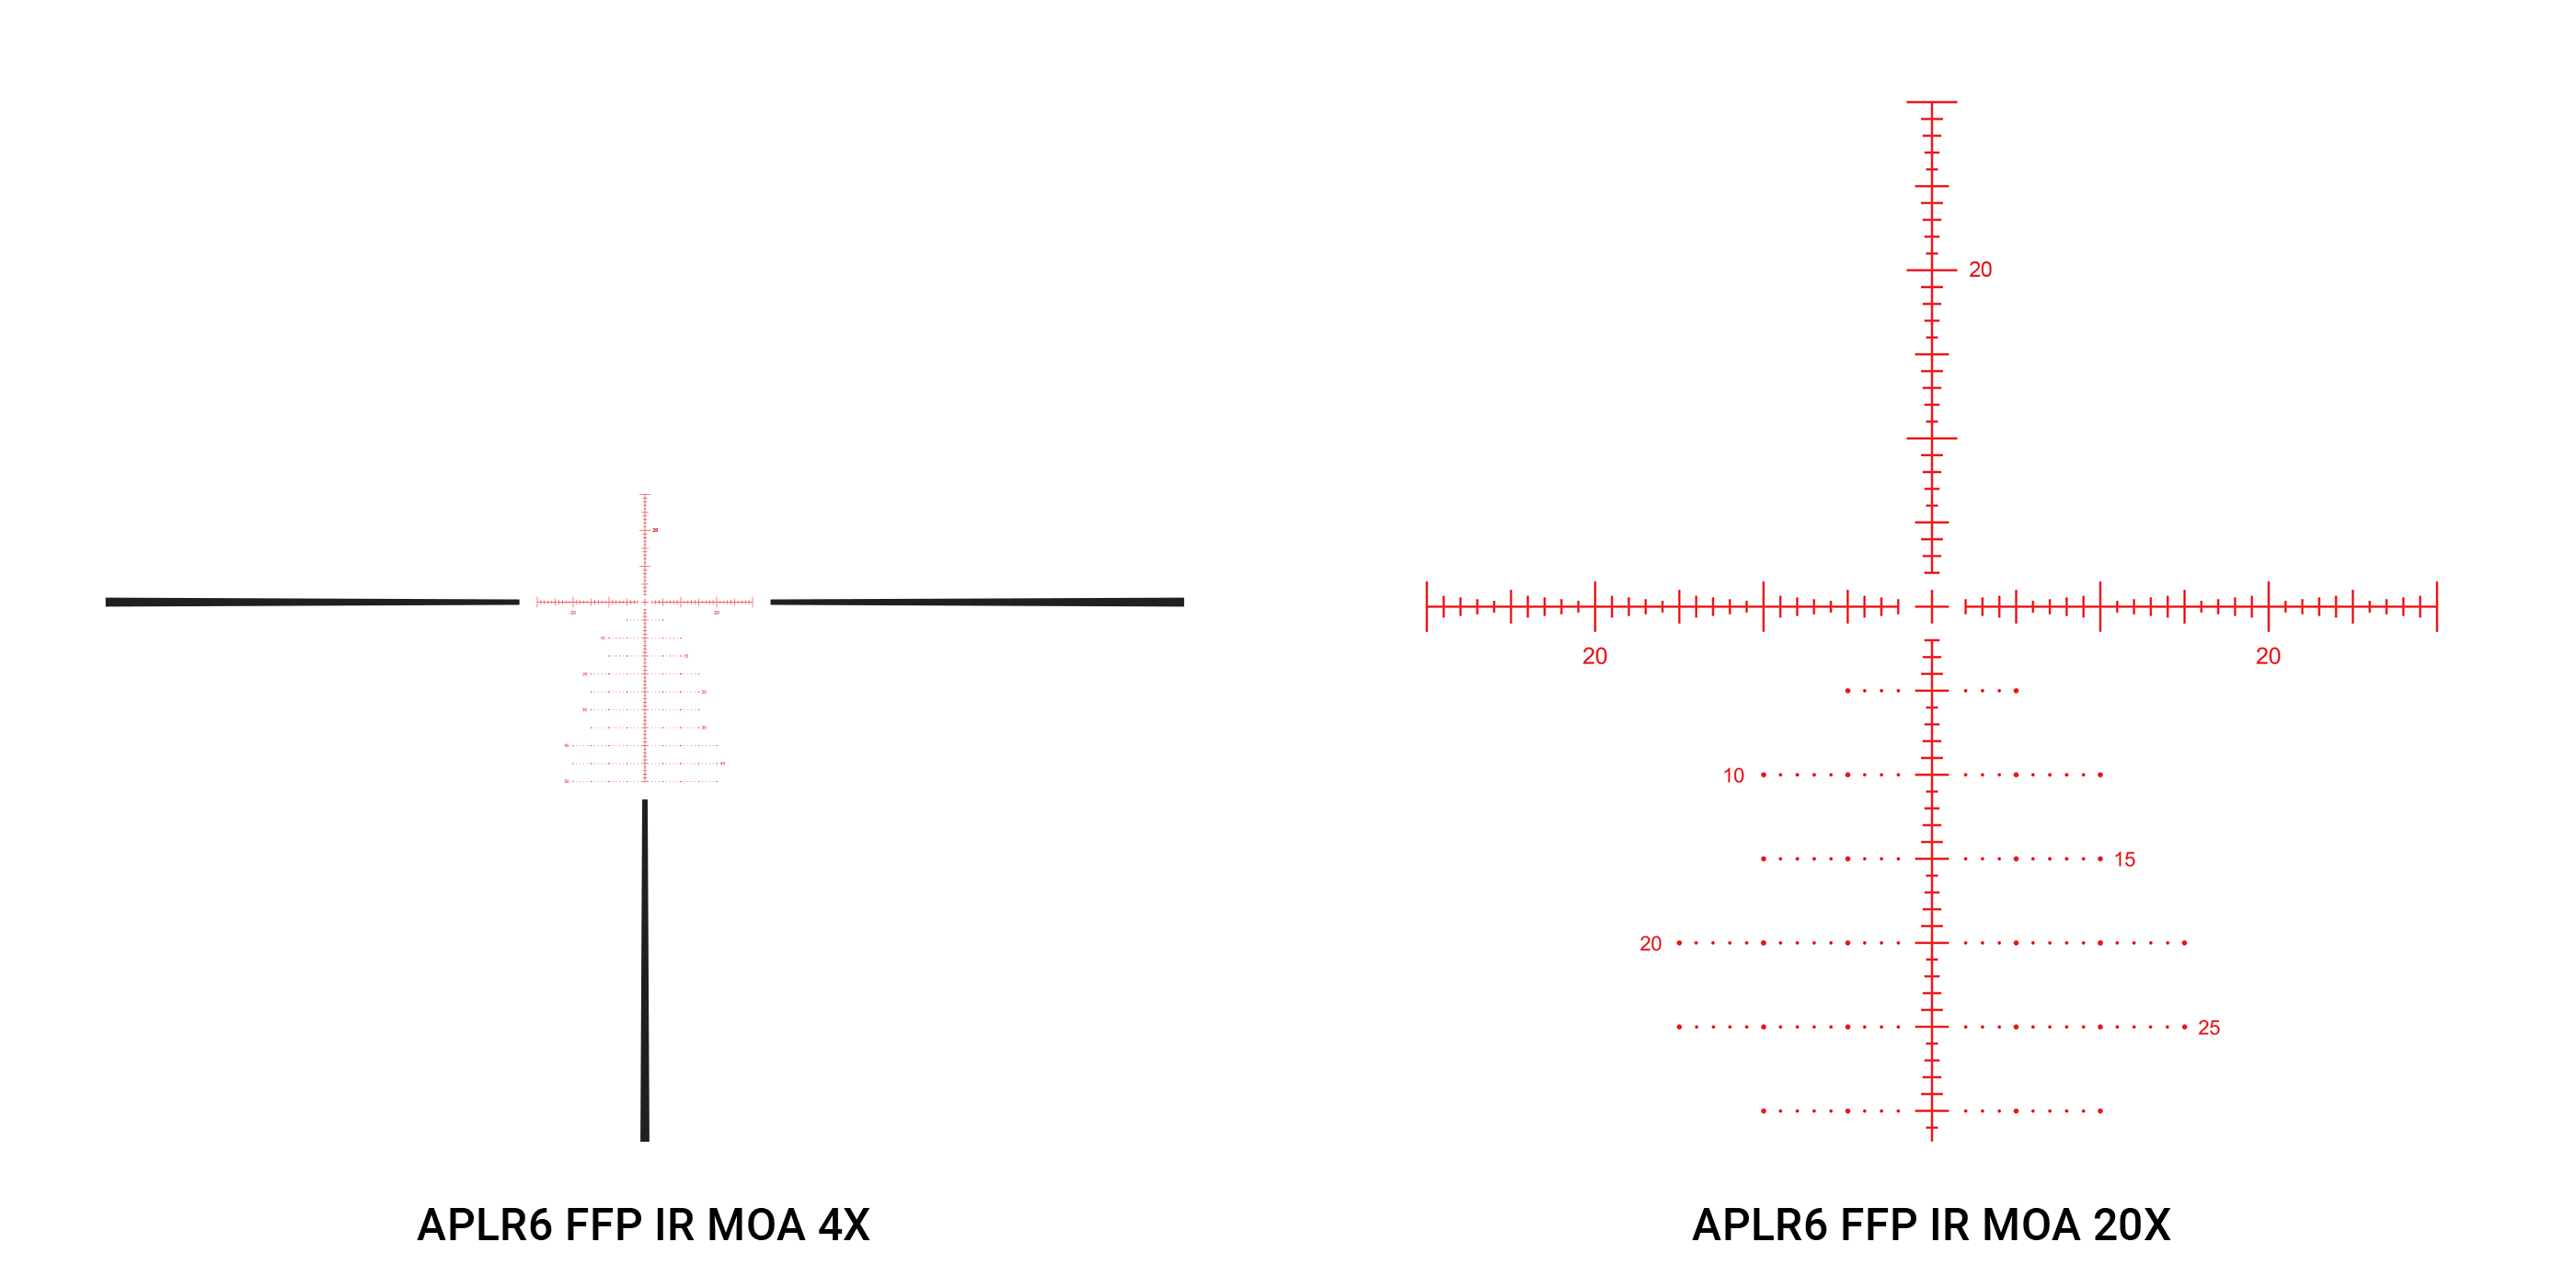 APLR6 4-20x Reticle